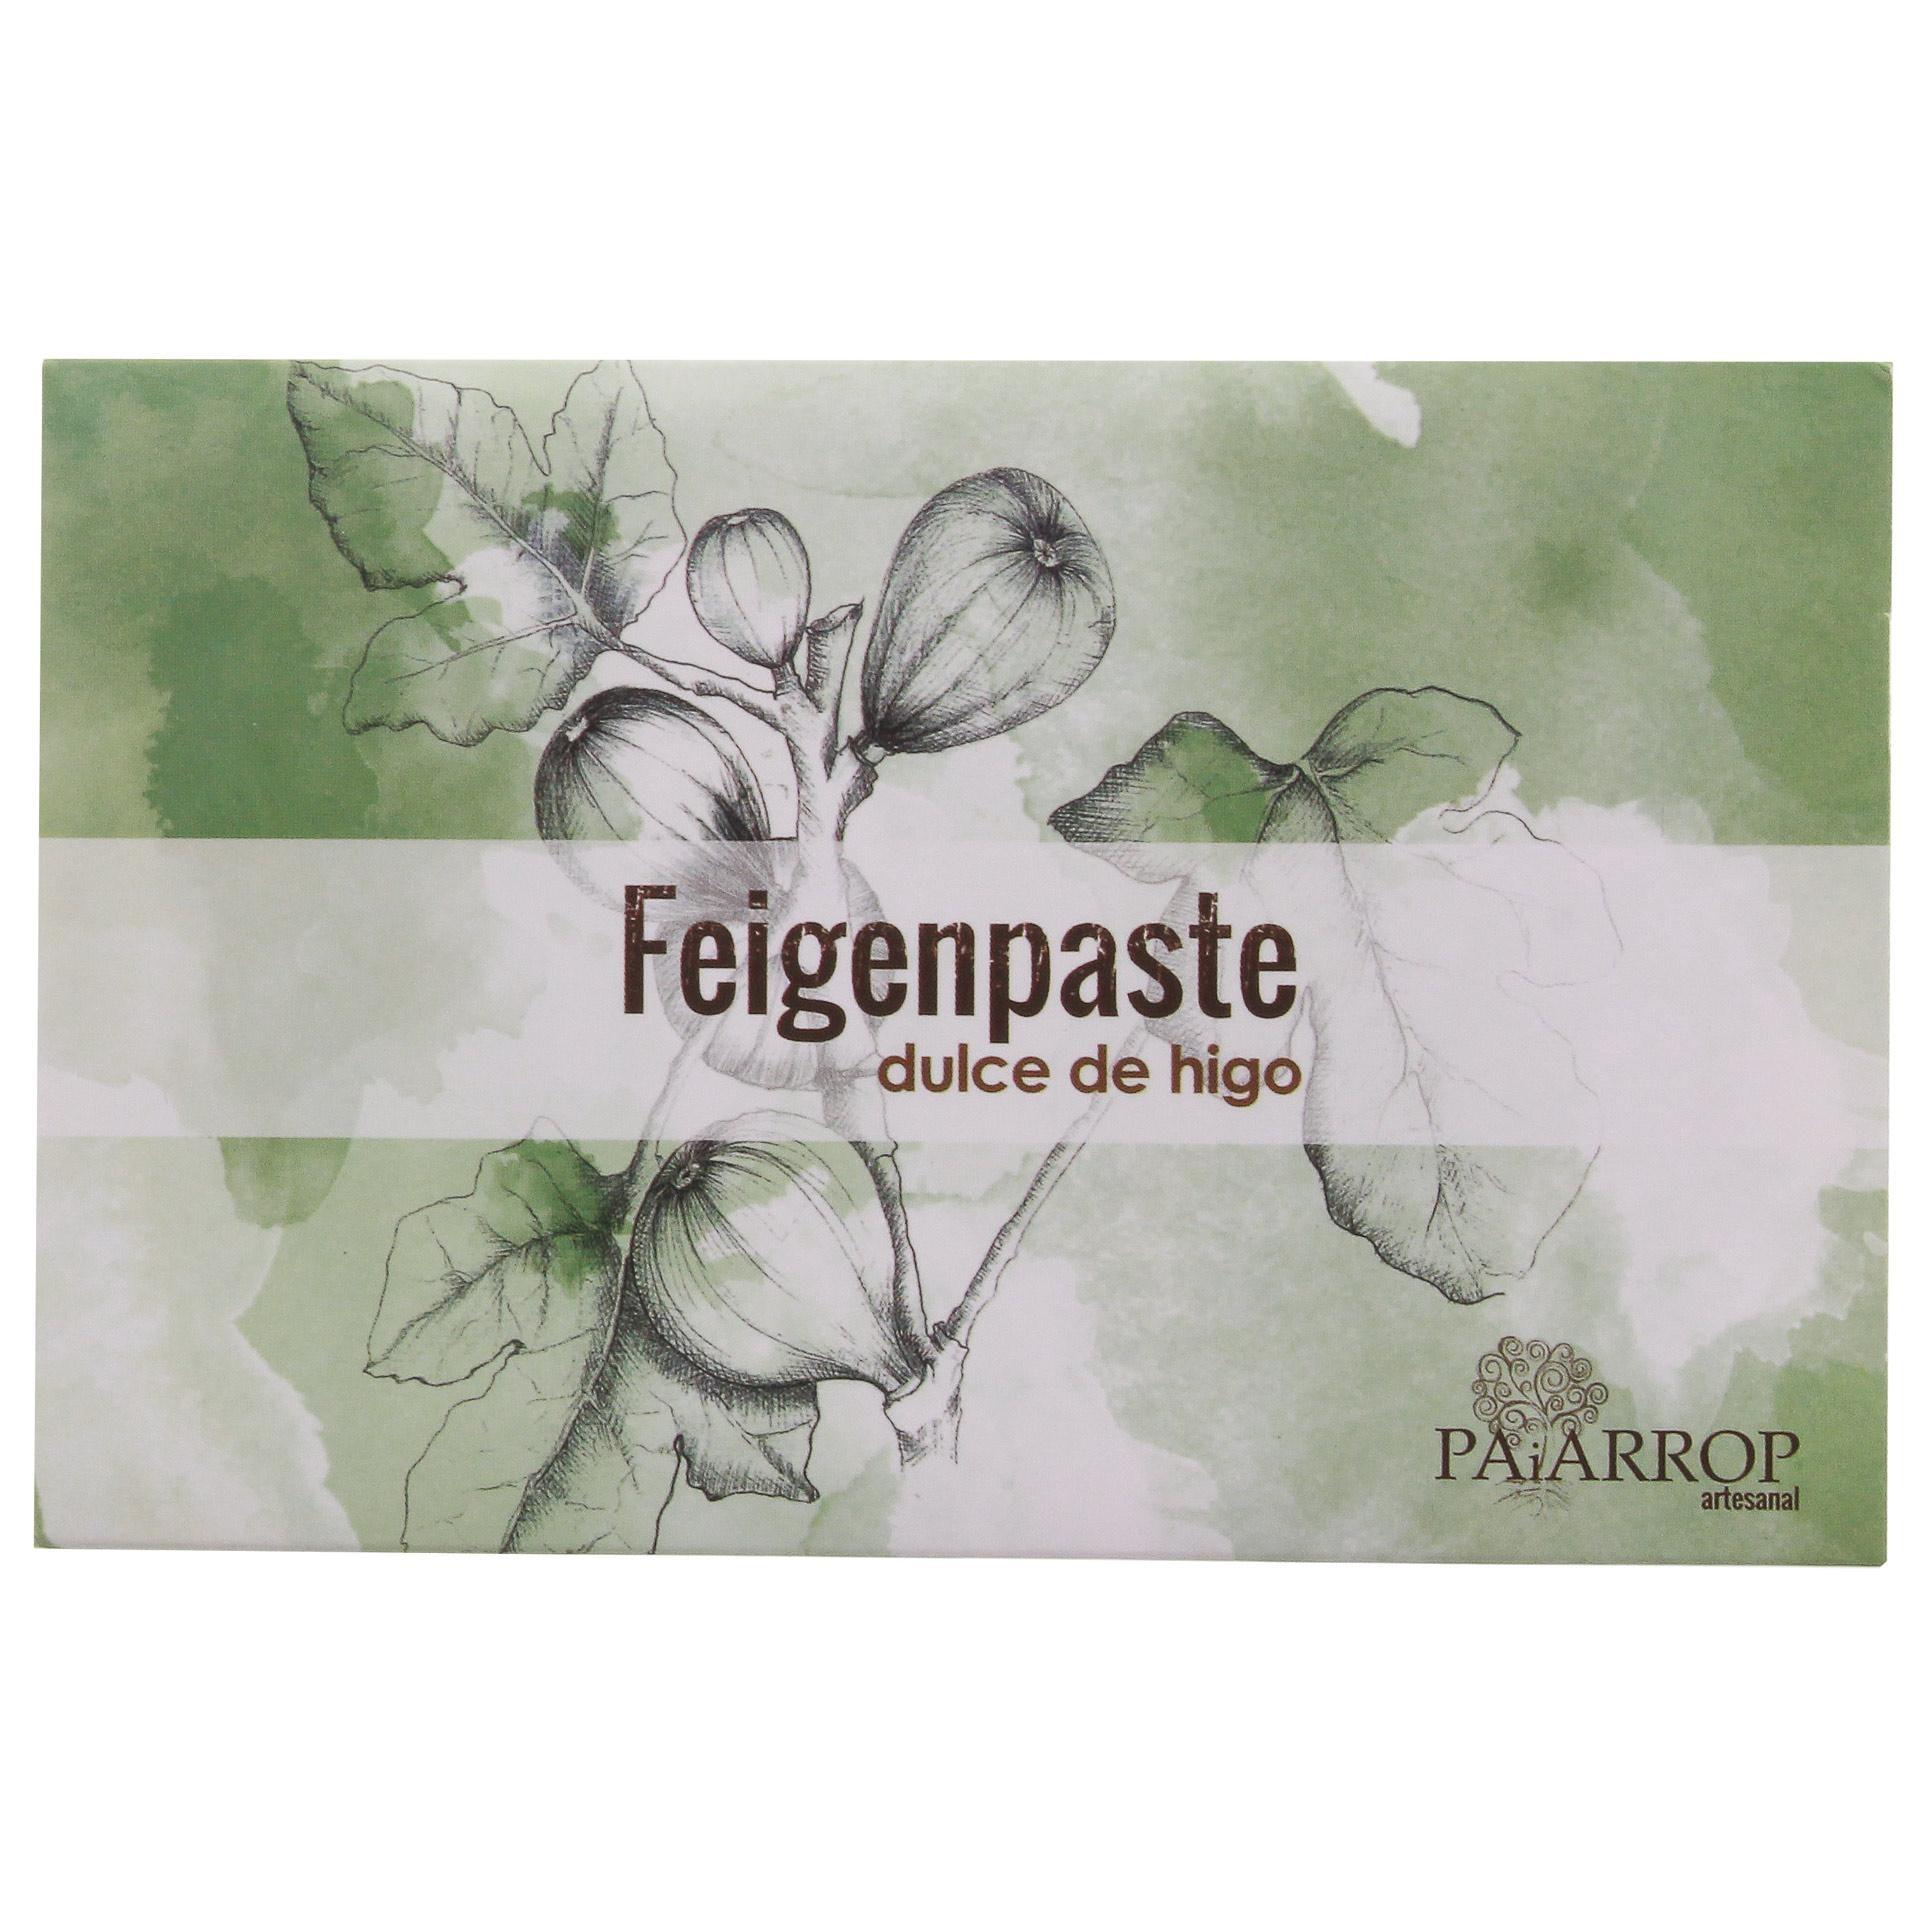 Paiarrop - Feigenpaste - 115g